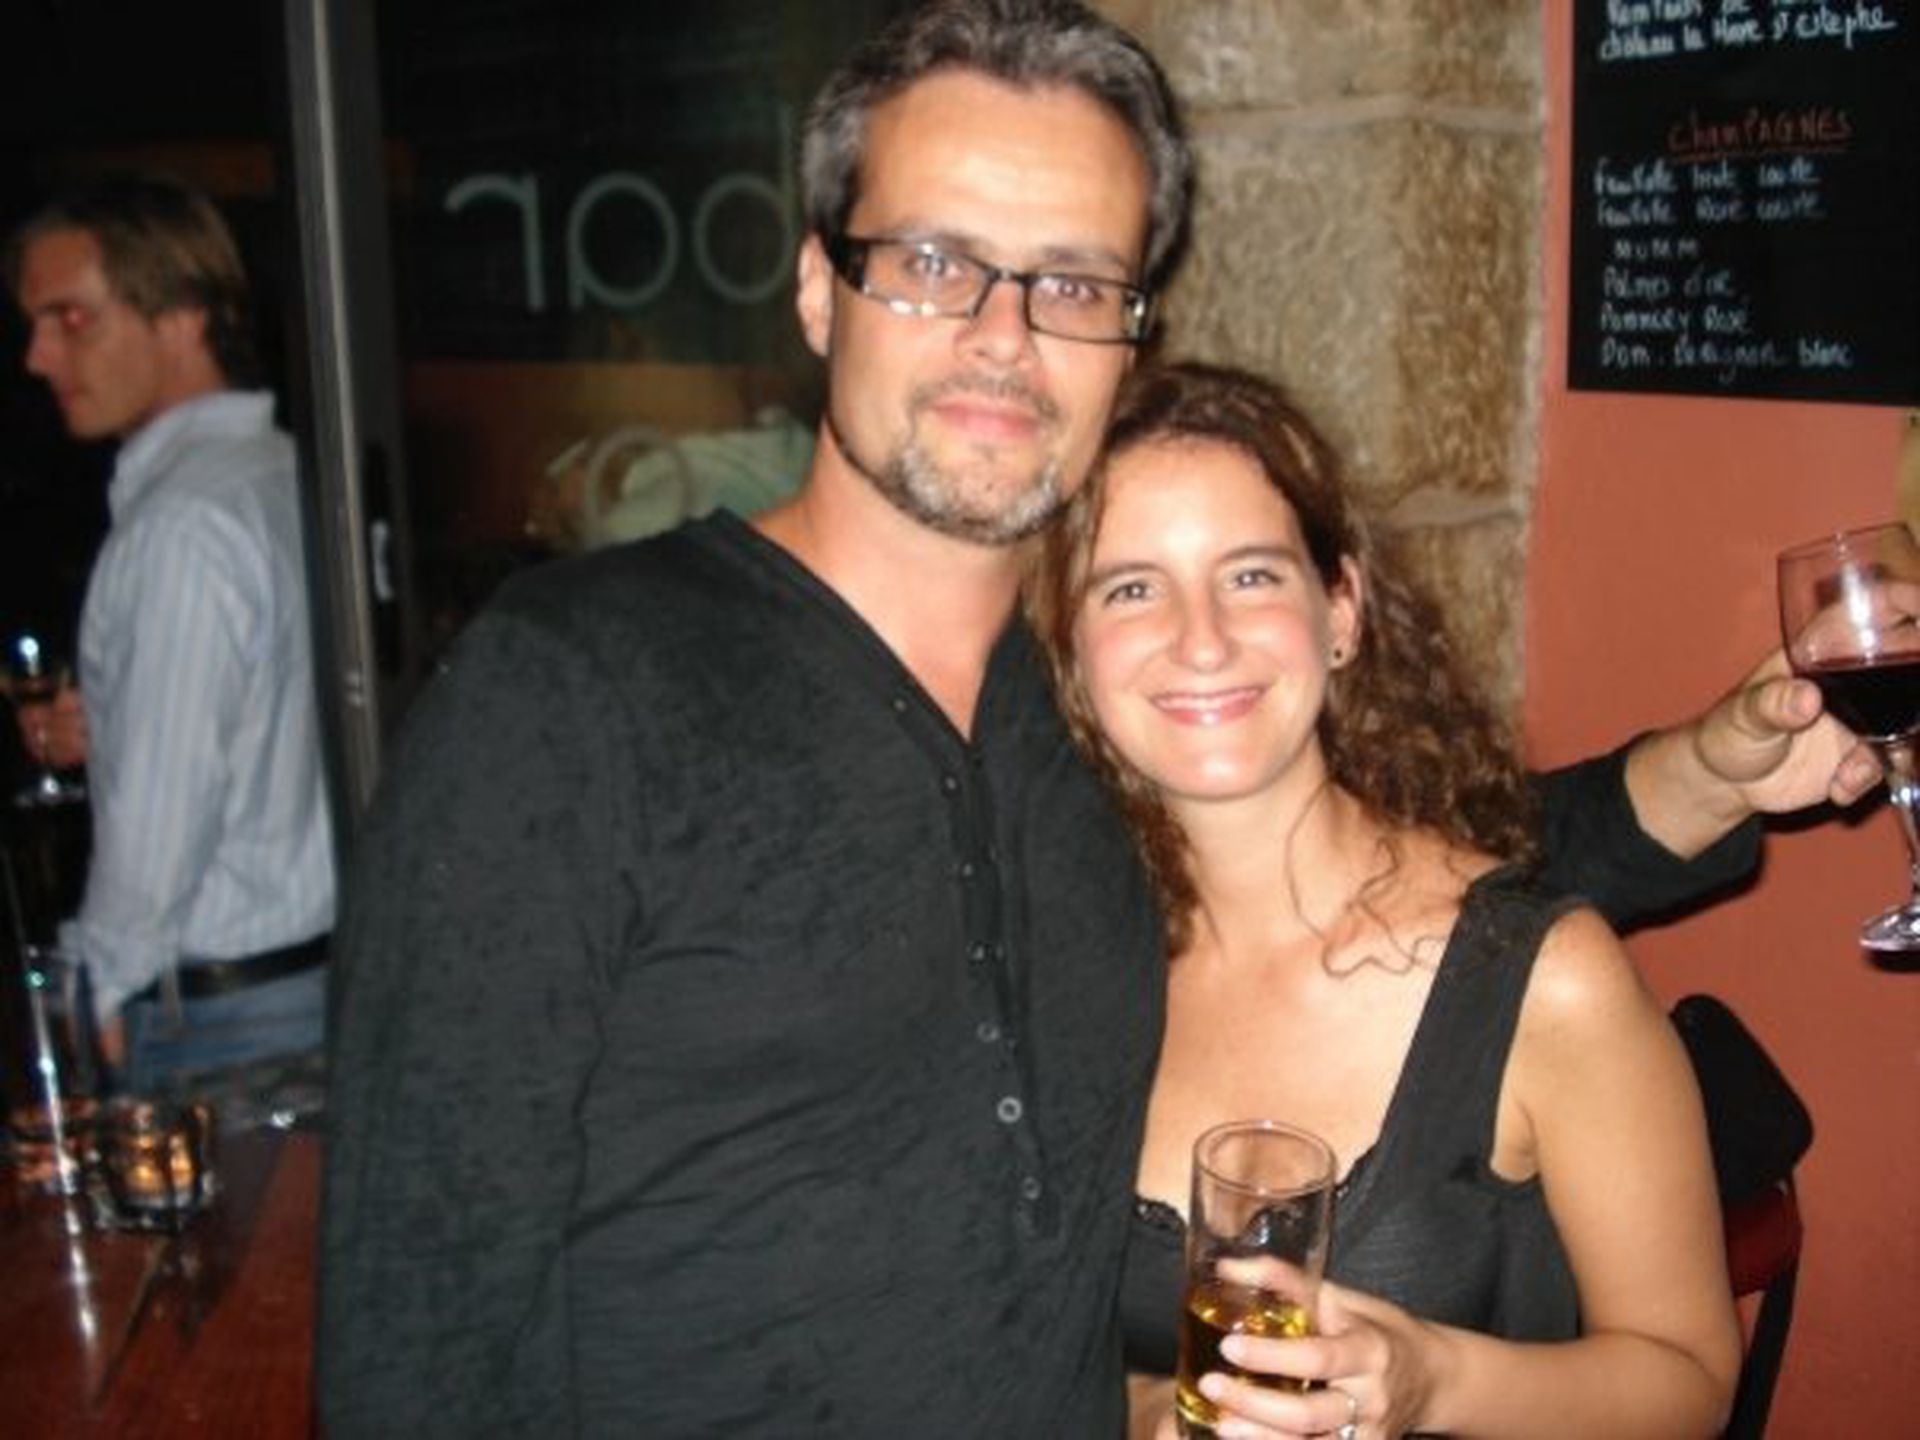 Analía Guerrero conoció a James en un bar de Palermo. Pensó que era colombiano, pero el acento la había engañado. Su pasaporte era francés.